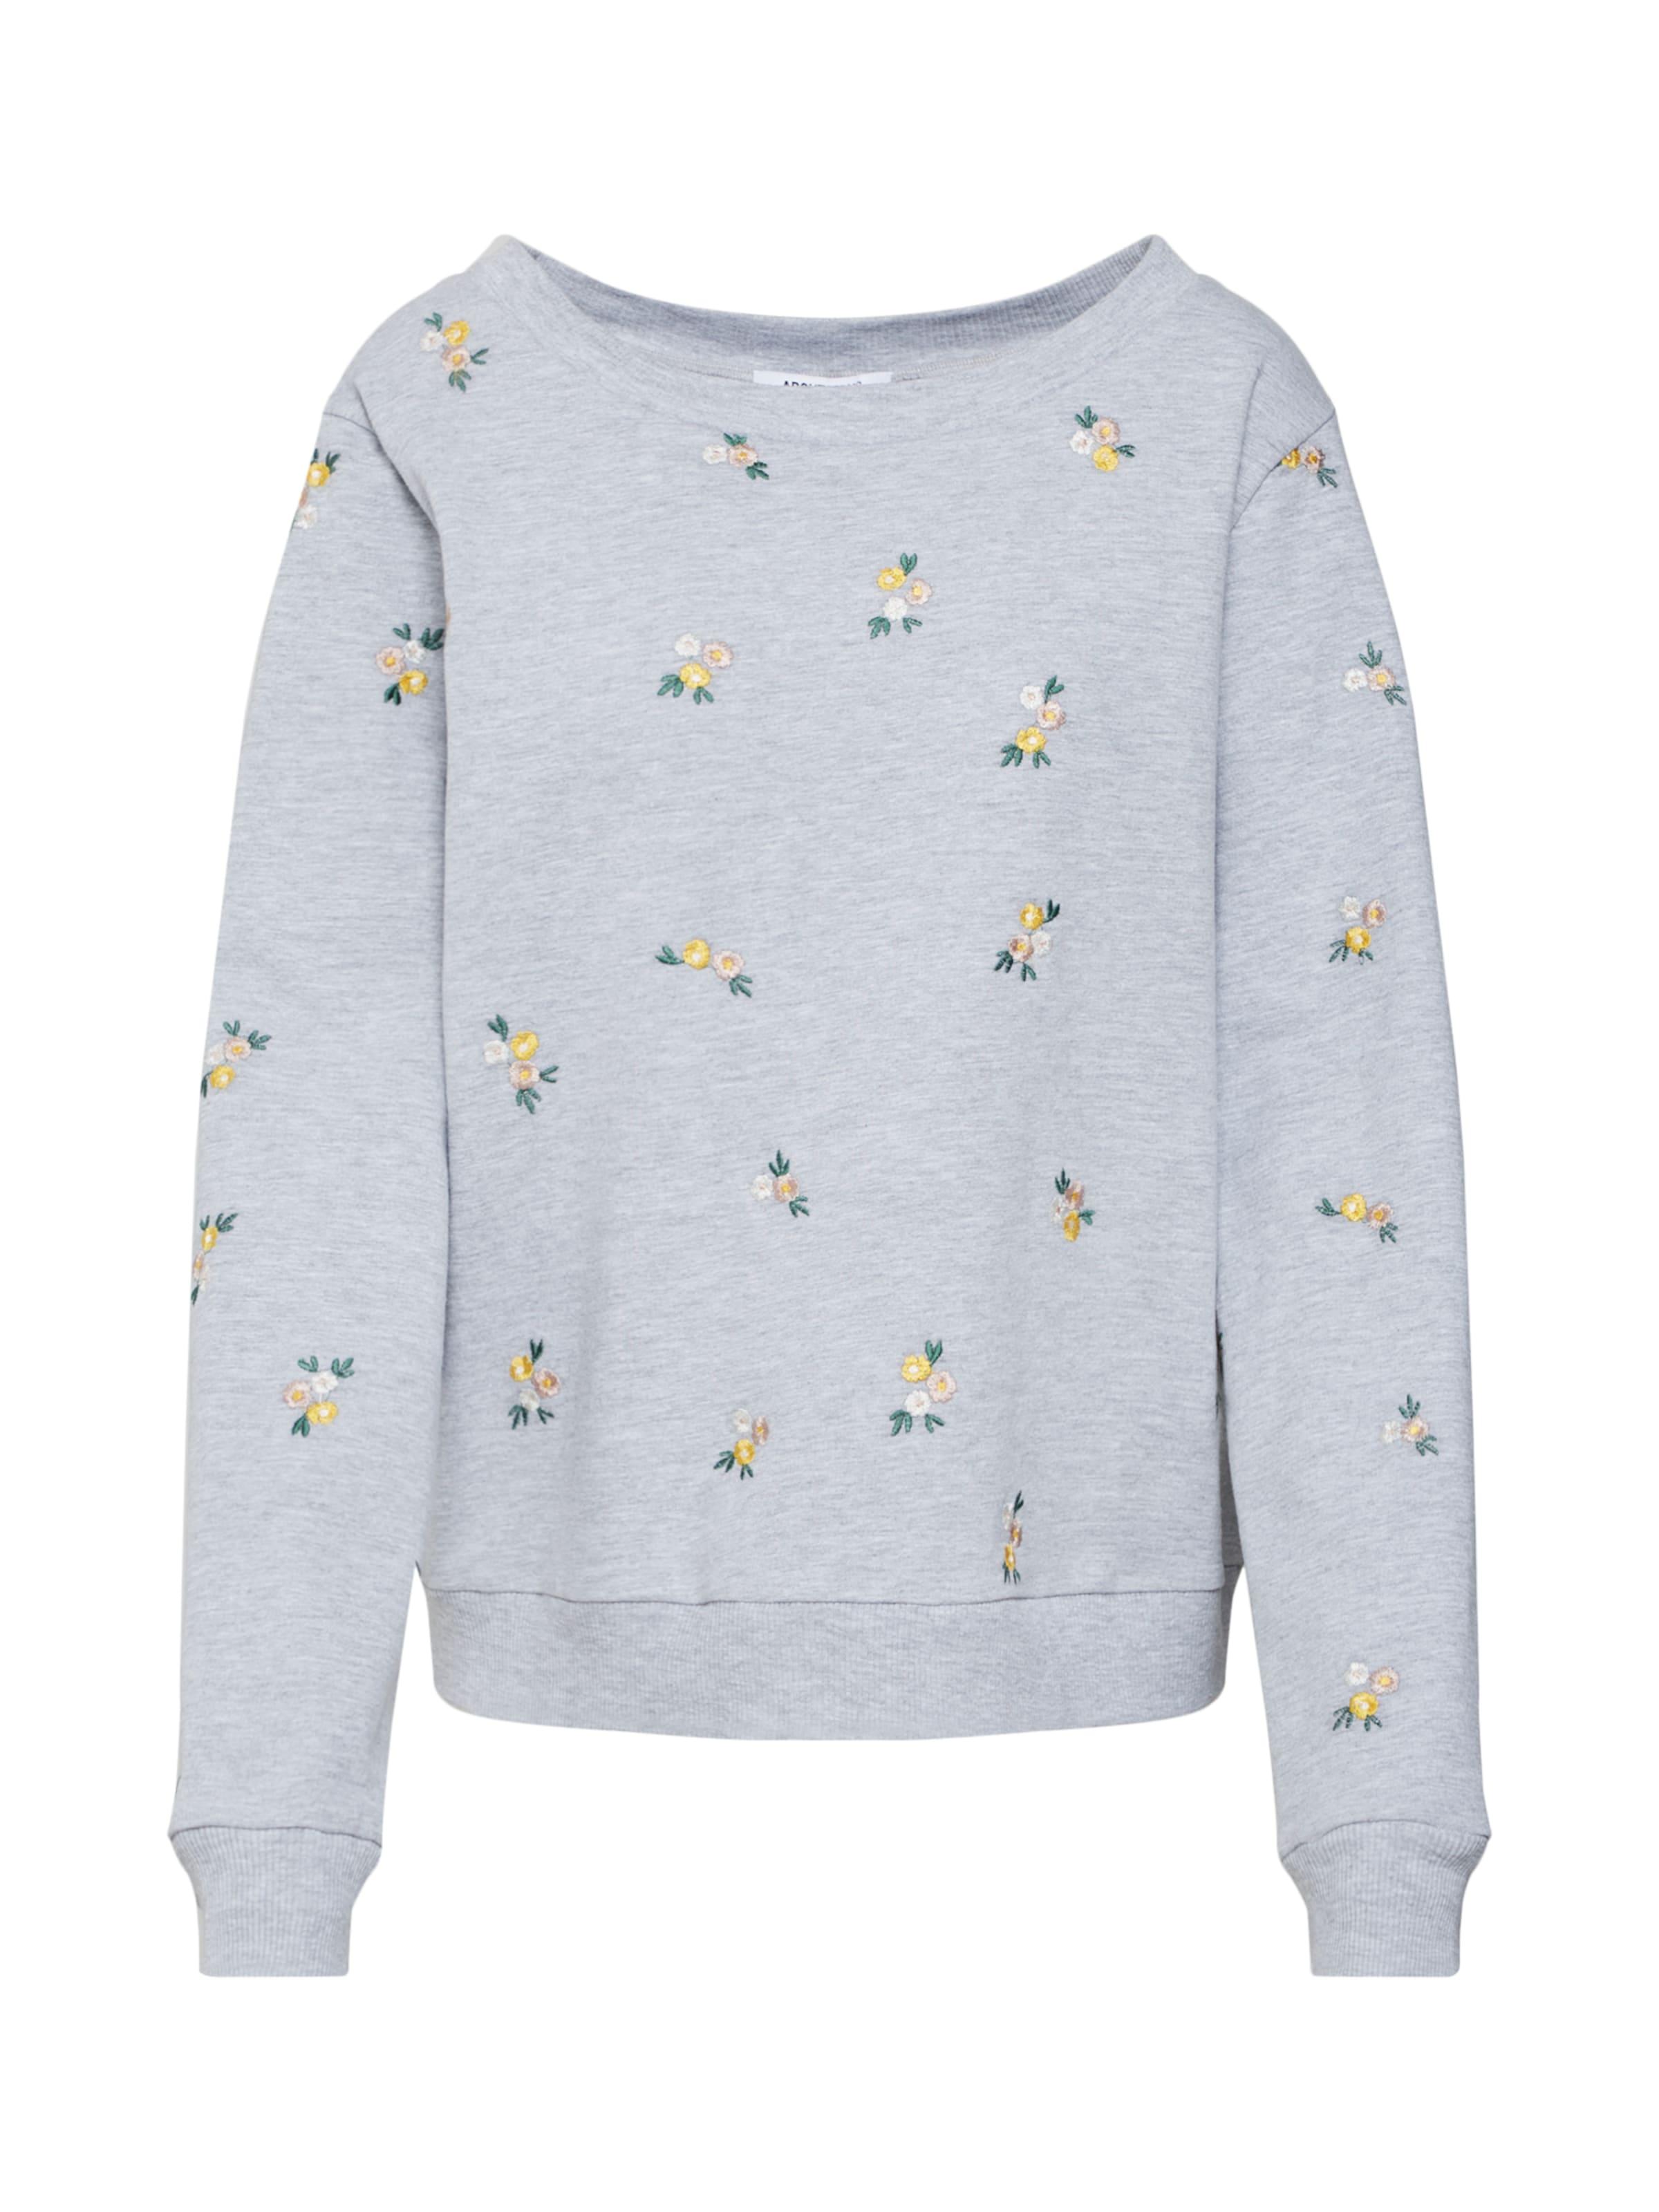 In Sweatshirt Sweatshirt In 'luna' Grijs Grijs In Sweatshirt 'luna' 'luna' Grijs m8n0Nw